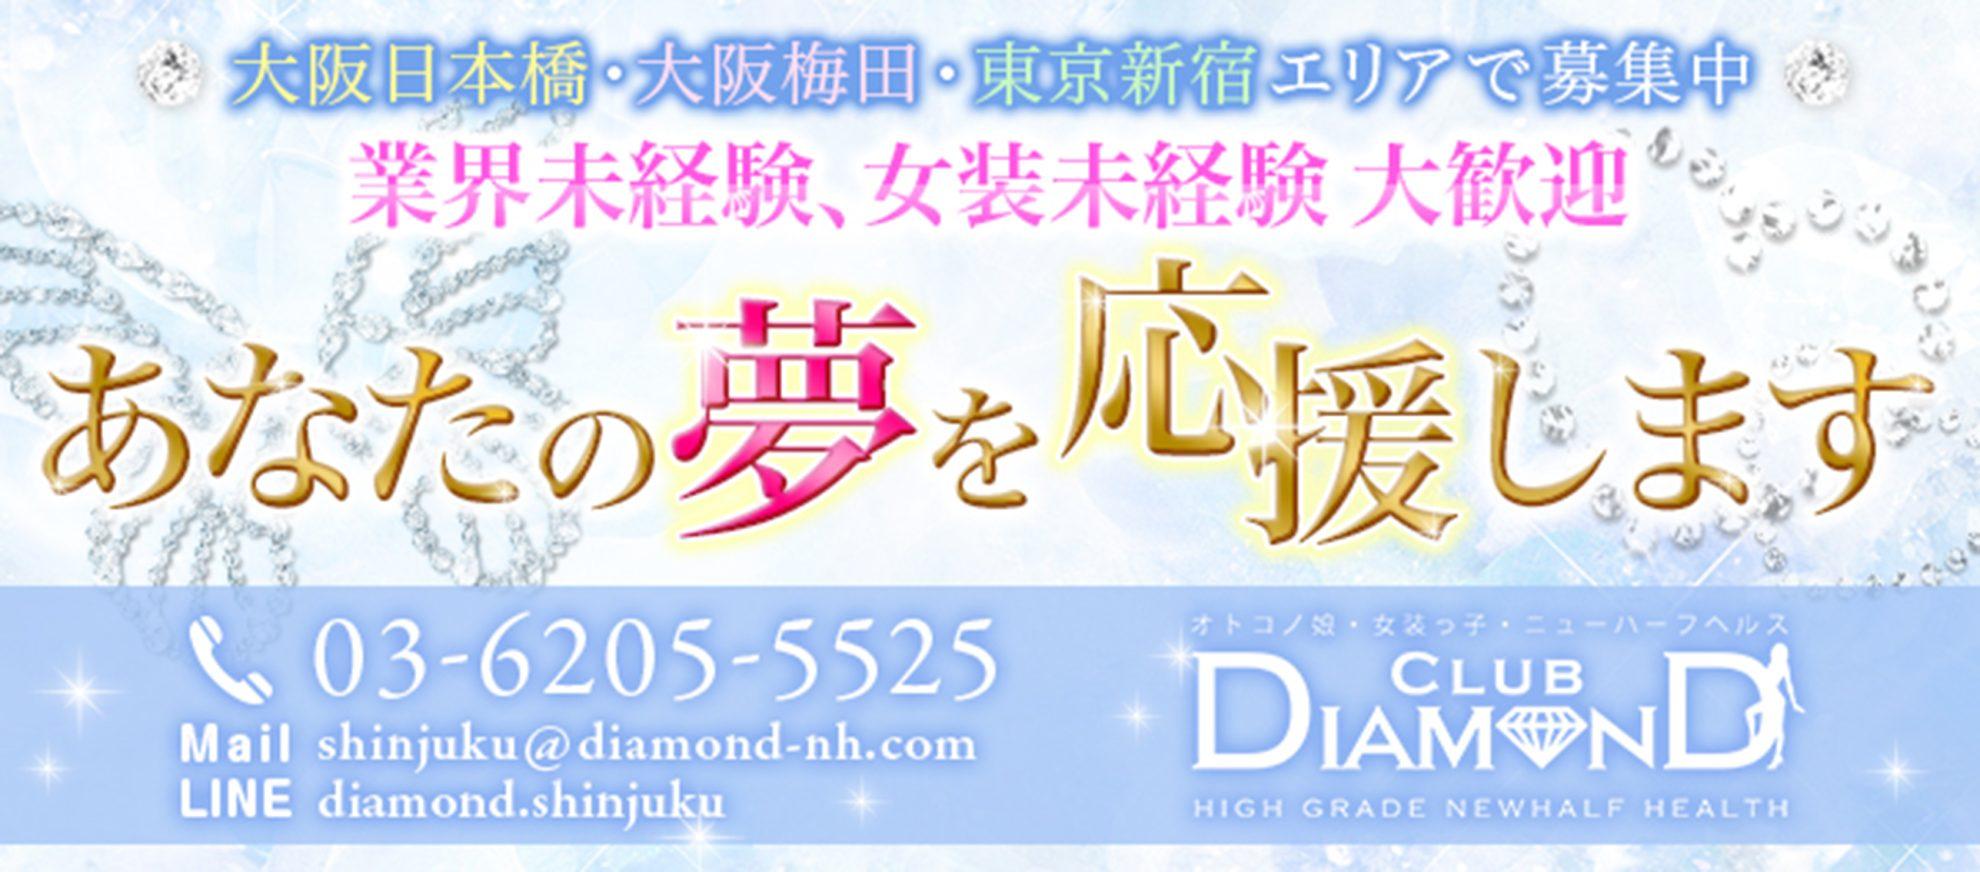 求人|東京新宿のニューハーフヘルスClub DIAMOND(クラブダイアモンド)